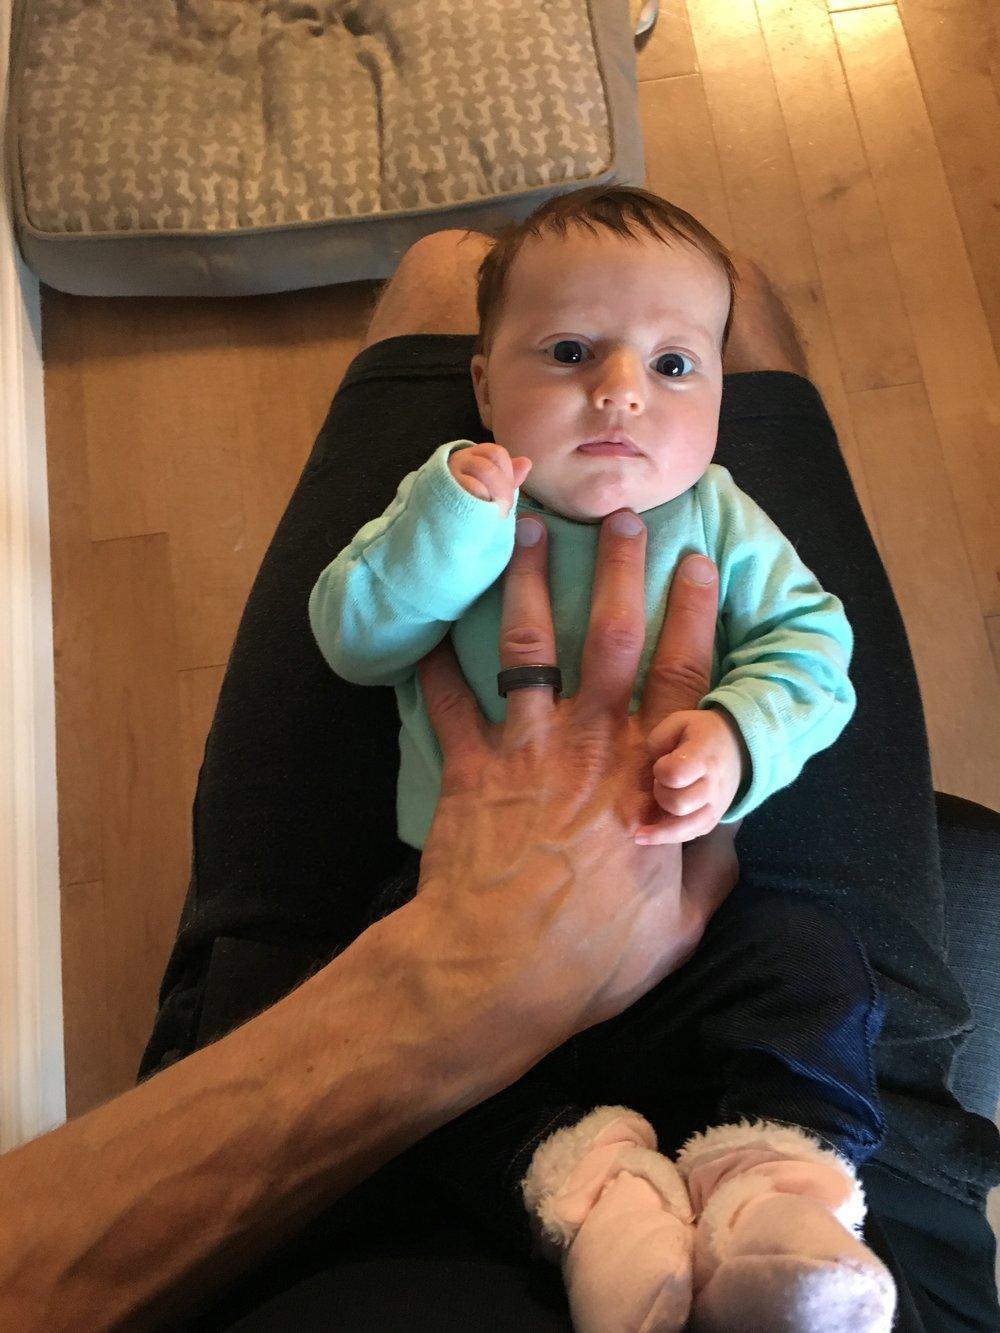 Baby Bird Hand Hand Comparison